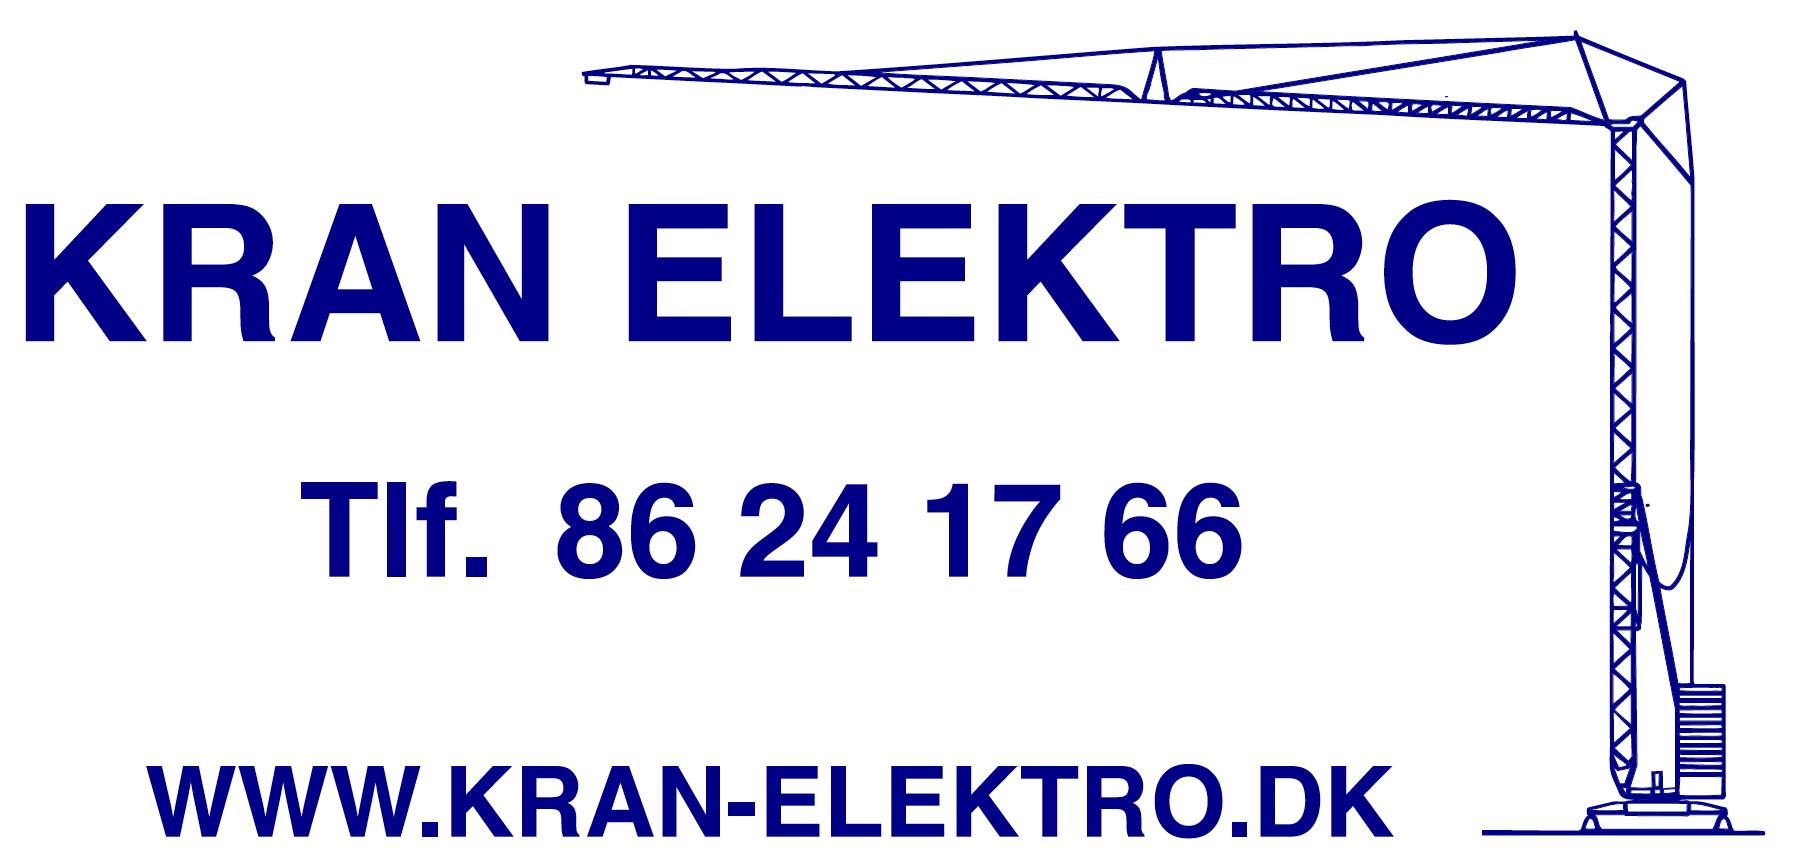 Kran Elektro annonce mørk blå